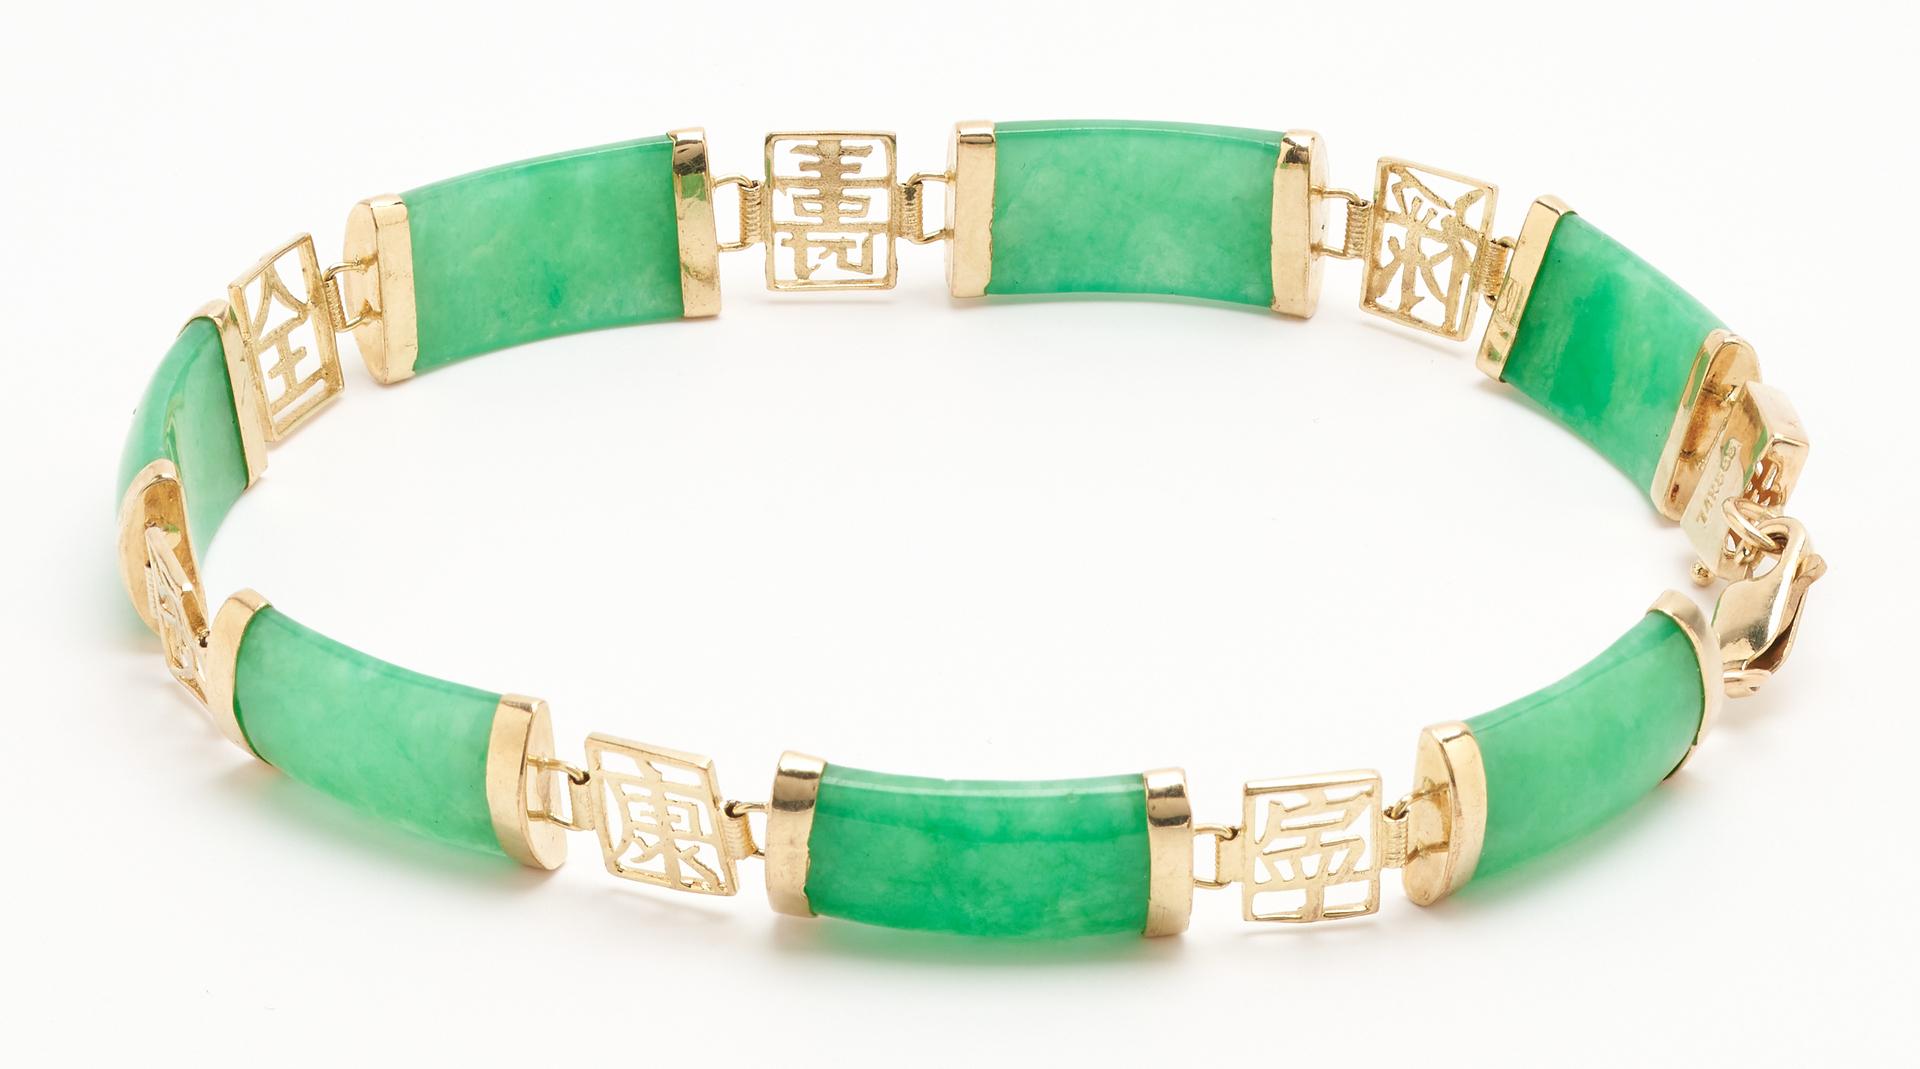 Lot 435: Jade & 14K Gold Bracelet with Earrings